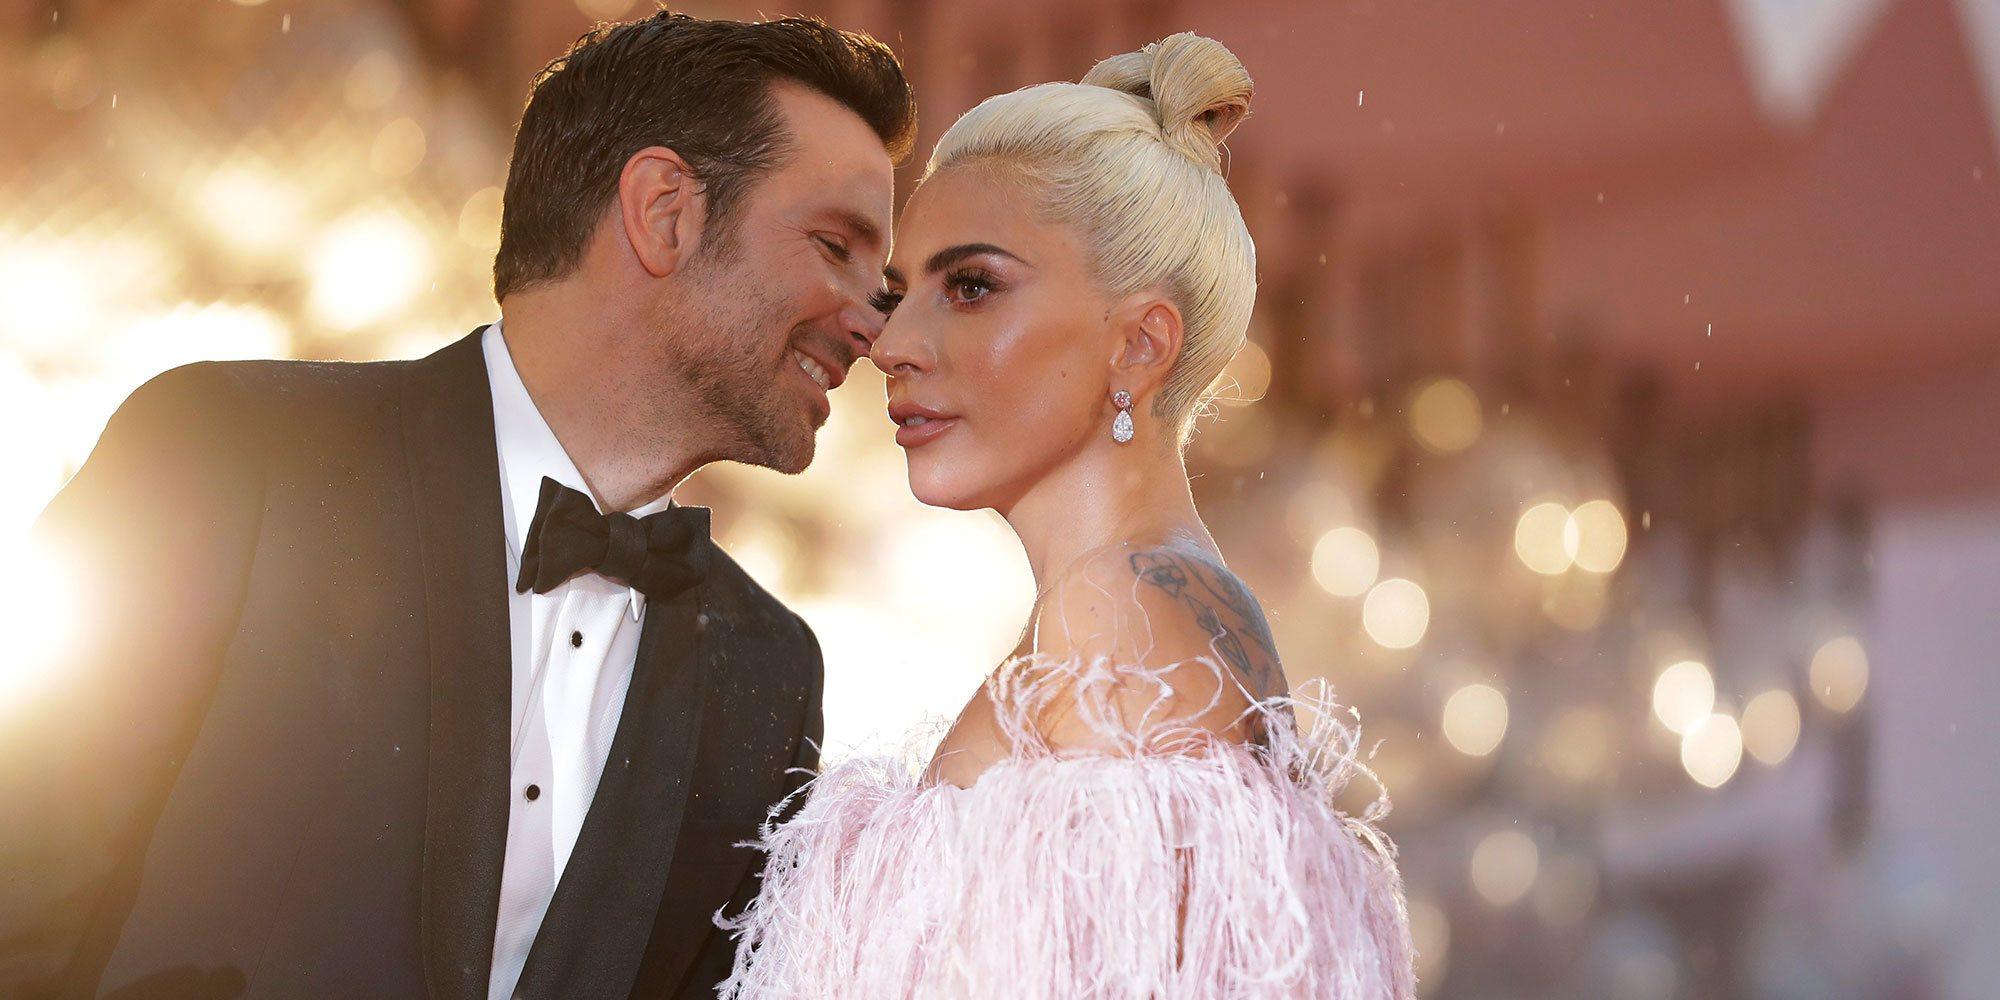 La historia de la amistad de Bradley Cooper y Lady Gaga, una química que traspasa la pantalla